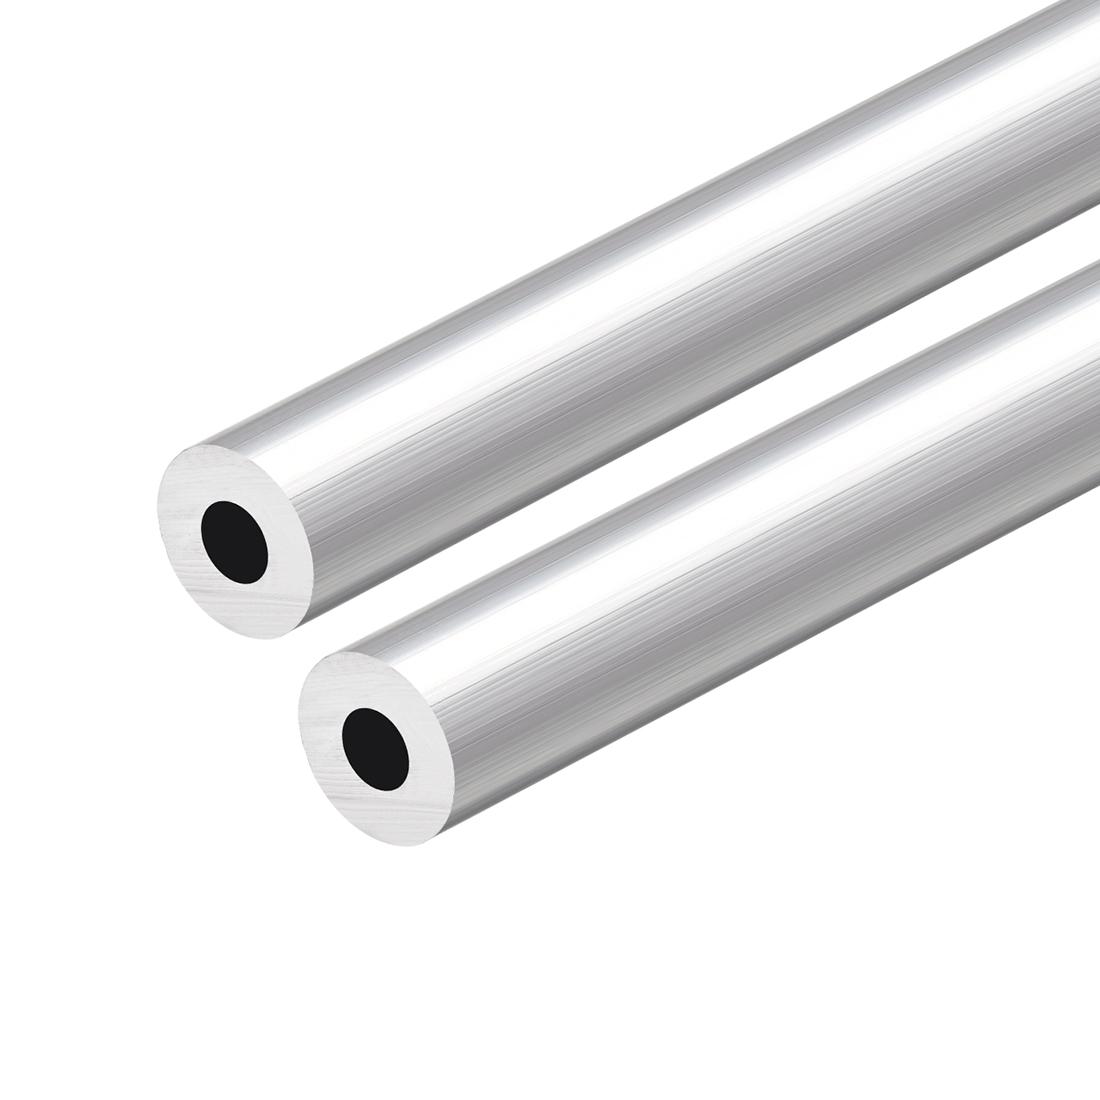 6063 Aluminum Round Tube 300mm Length 17mm OD 8mm Inner Dia Seamless Tubing 2pcs